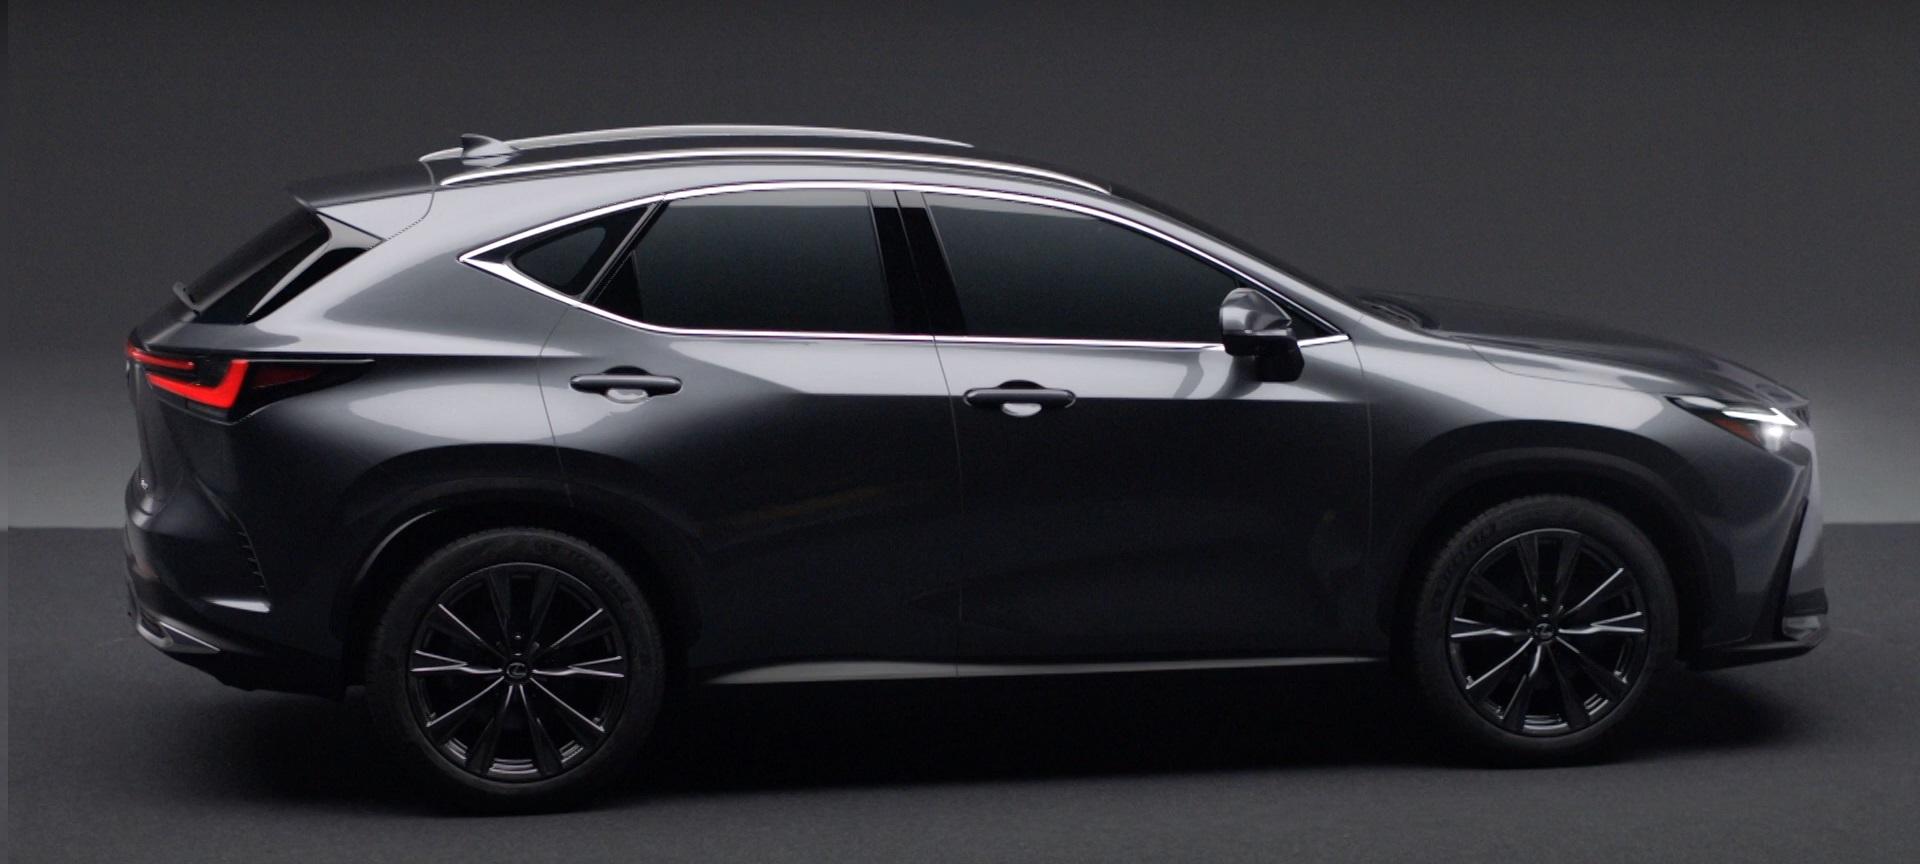 Lexus-NX-2021-leaked-5